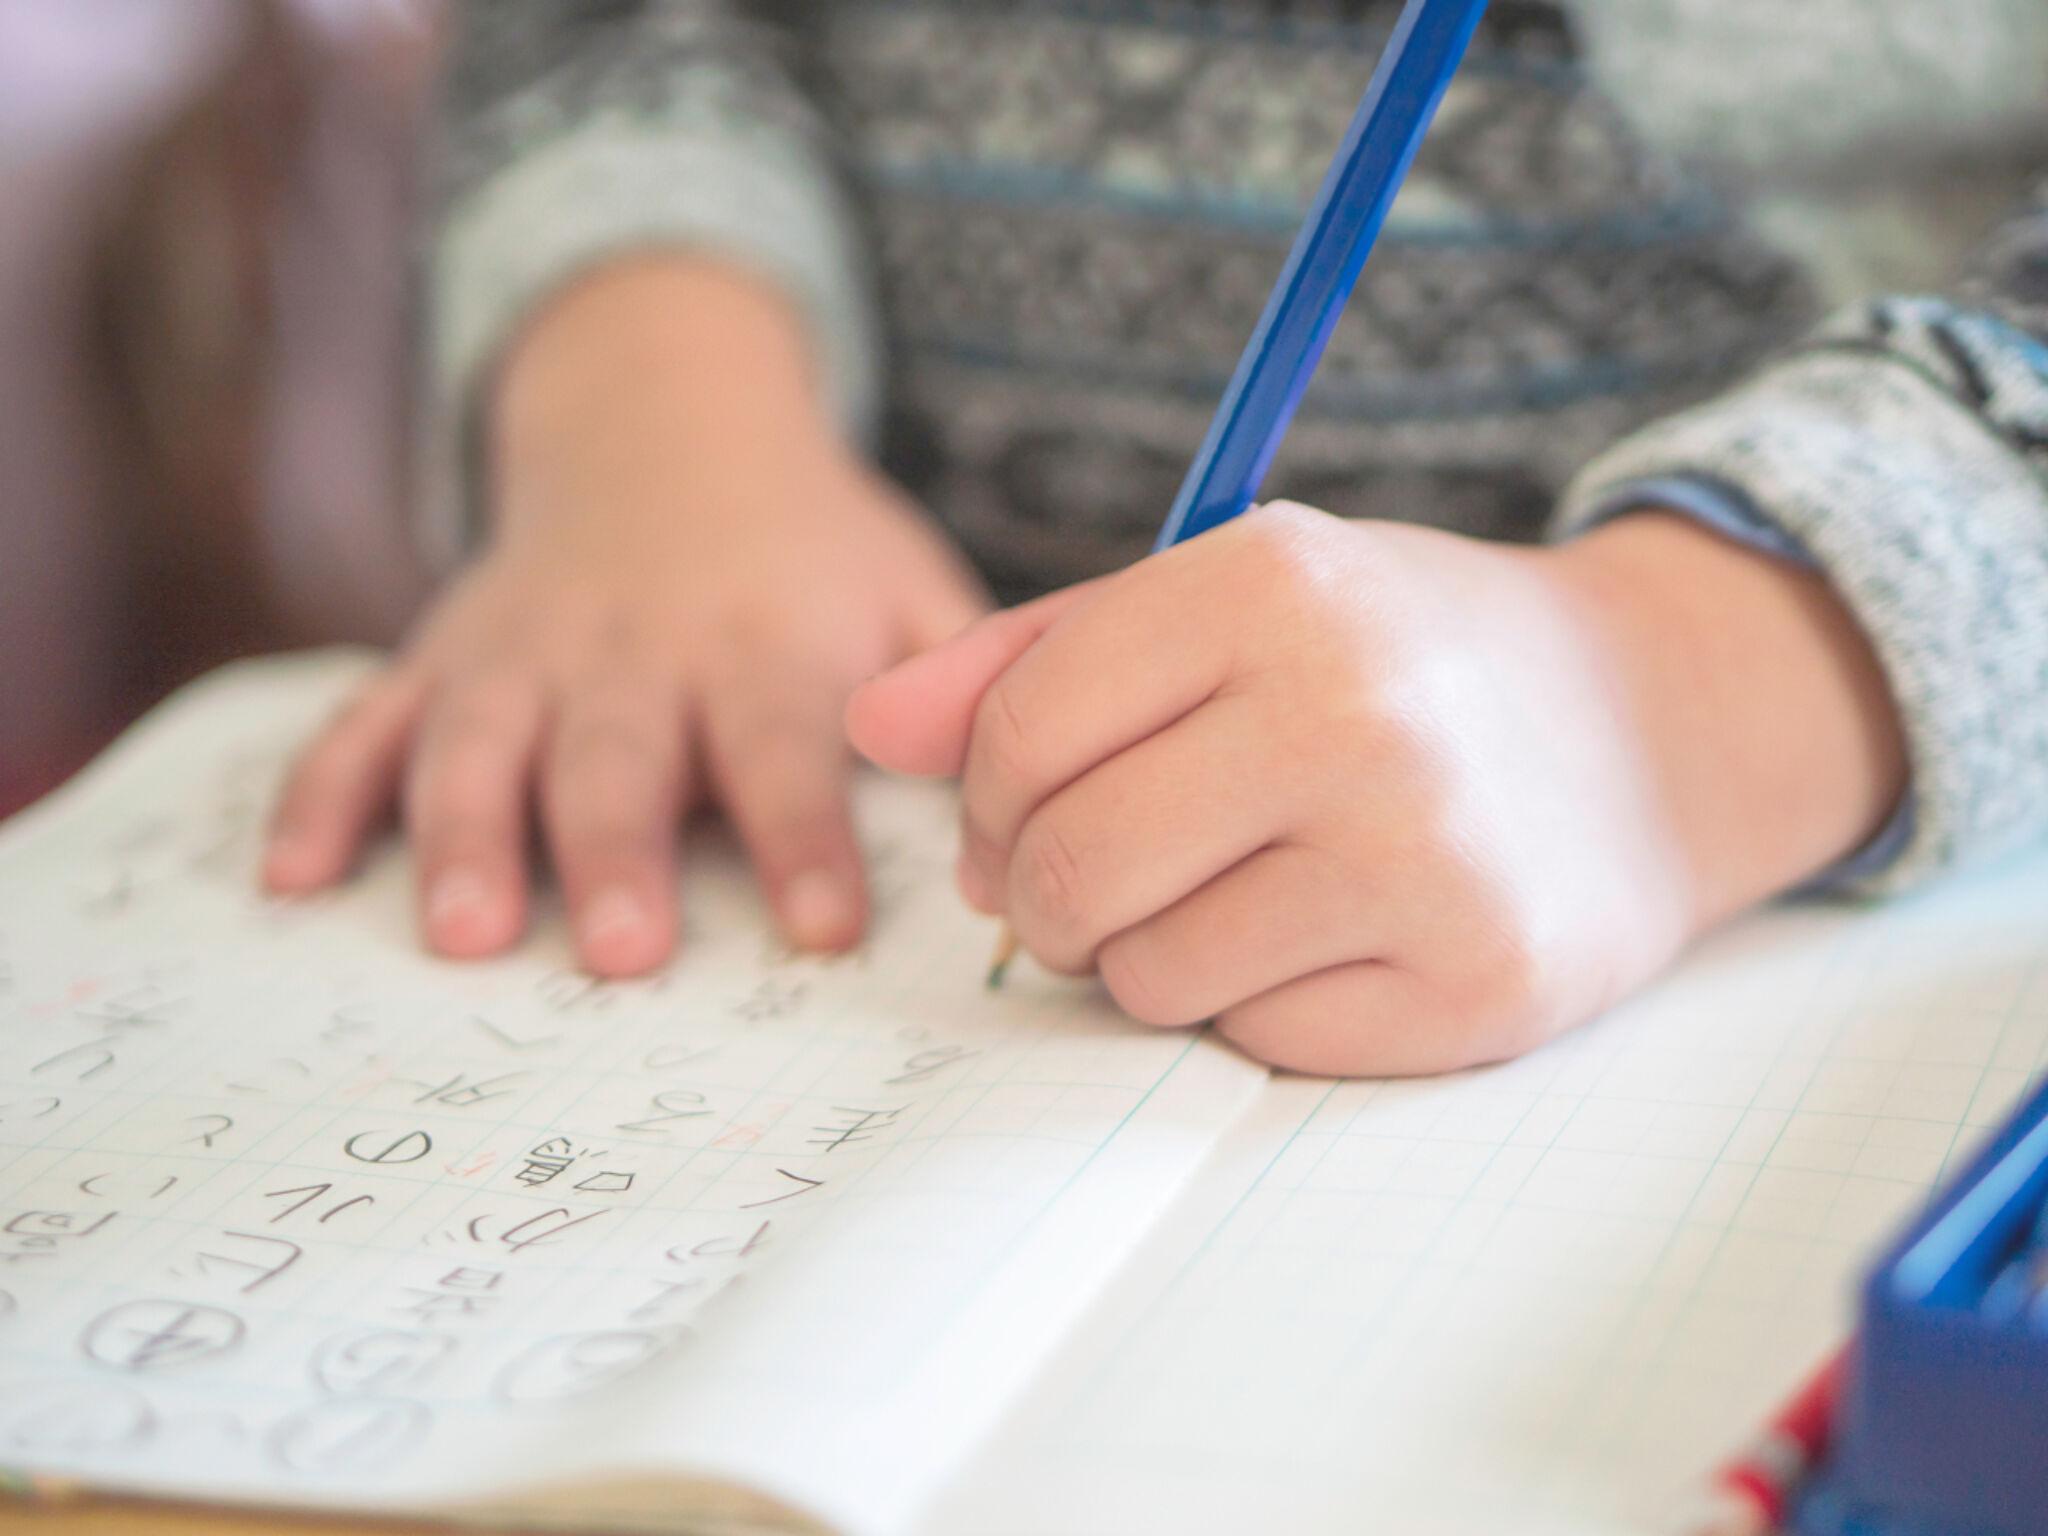 小学生がノートに文字を書いている画像